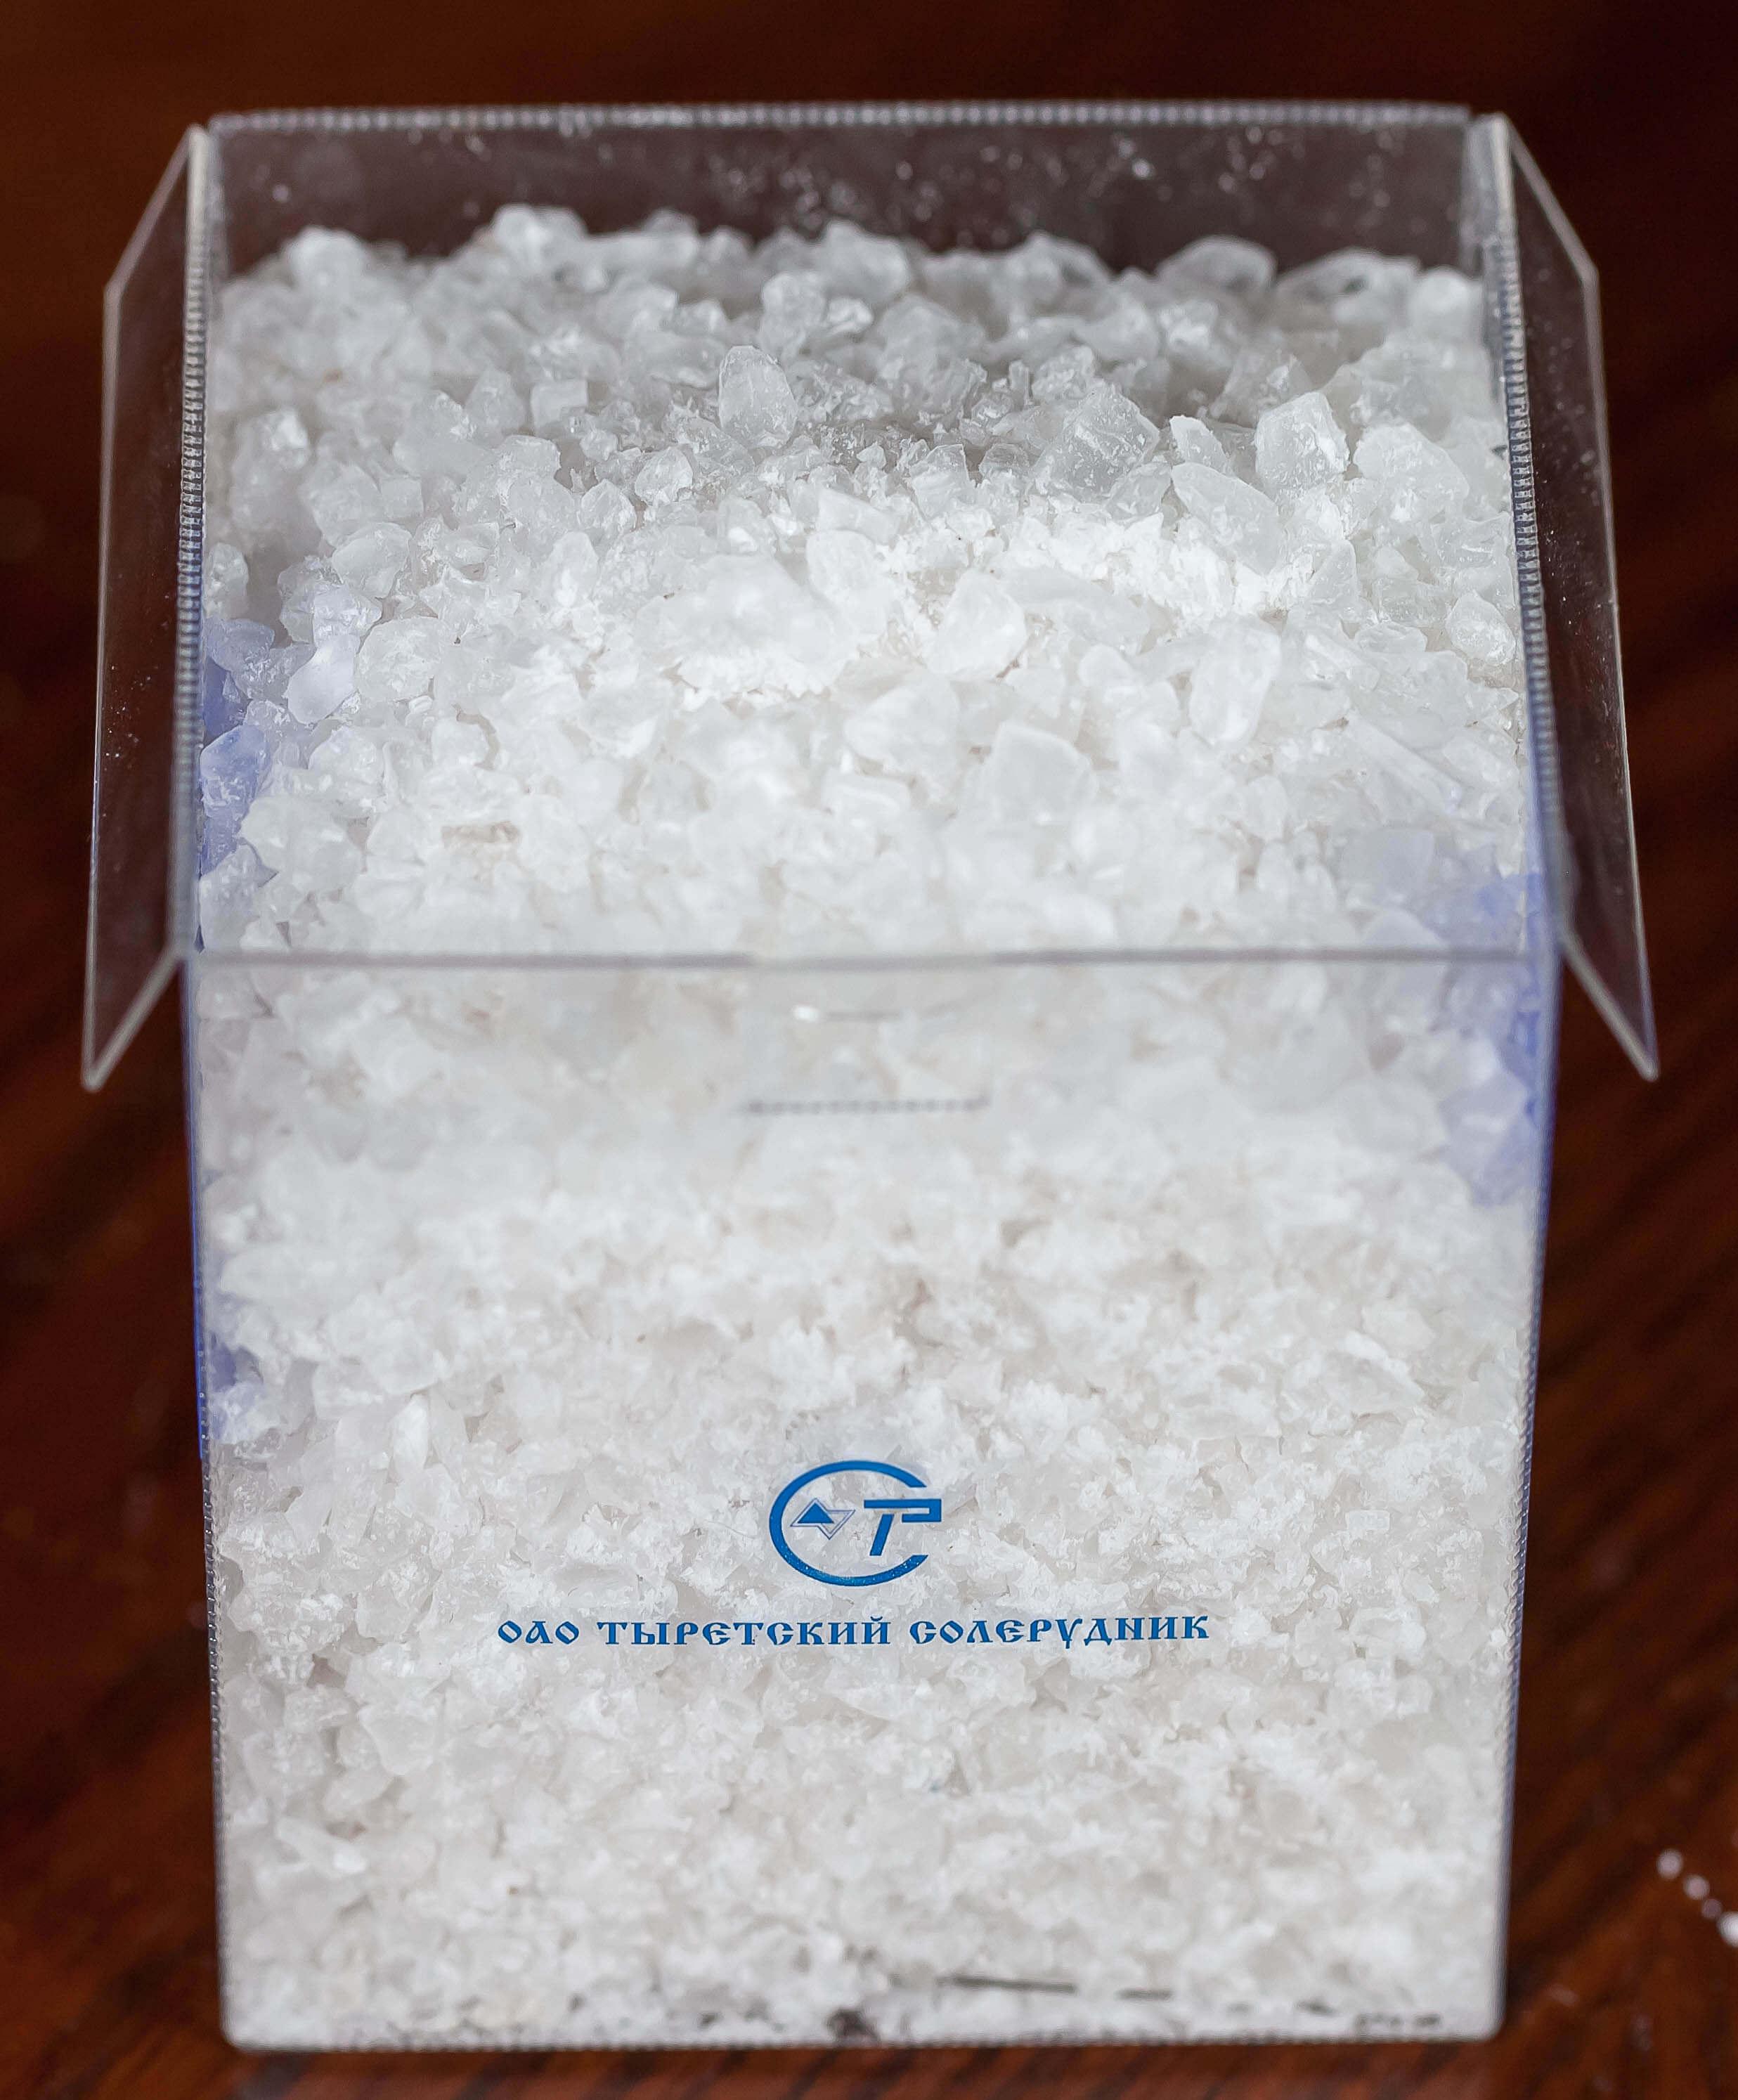 меди цена концентрат минеральный галит применение в теплохнергетике реализацией